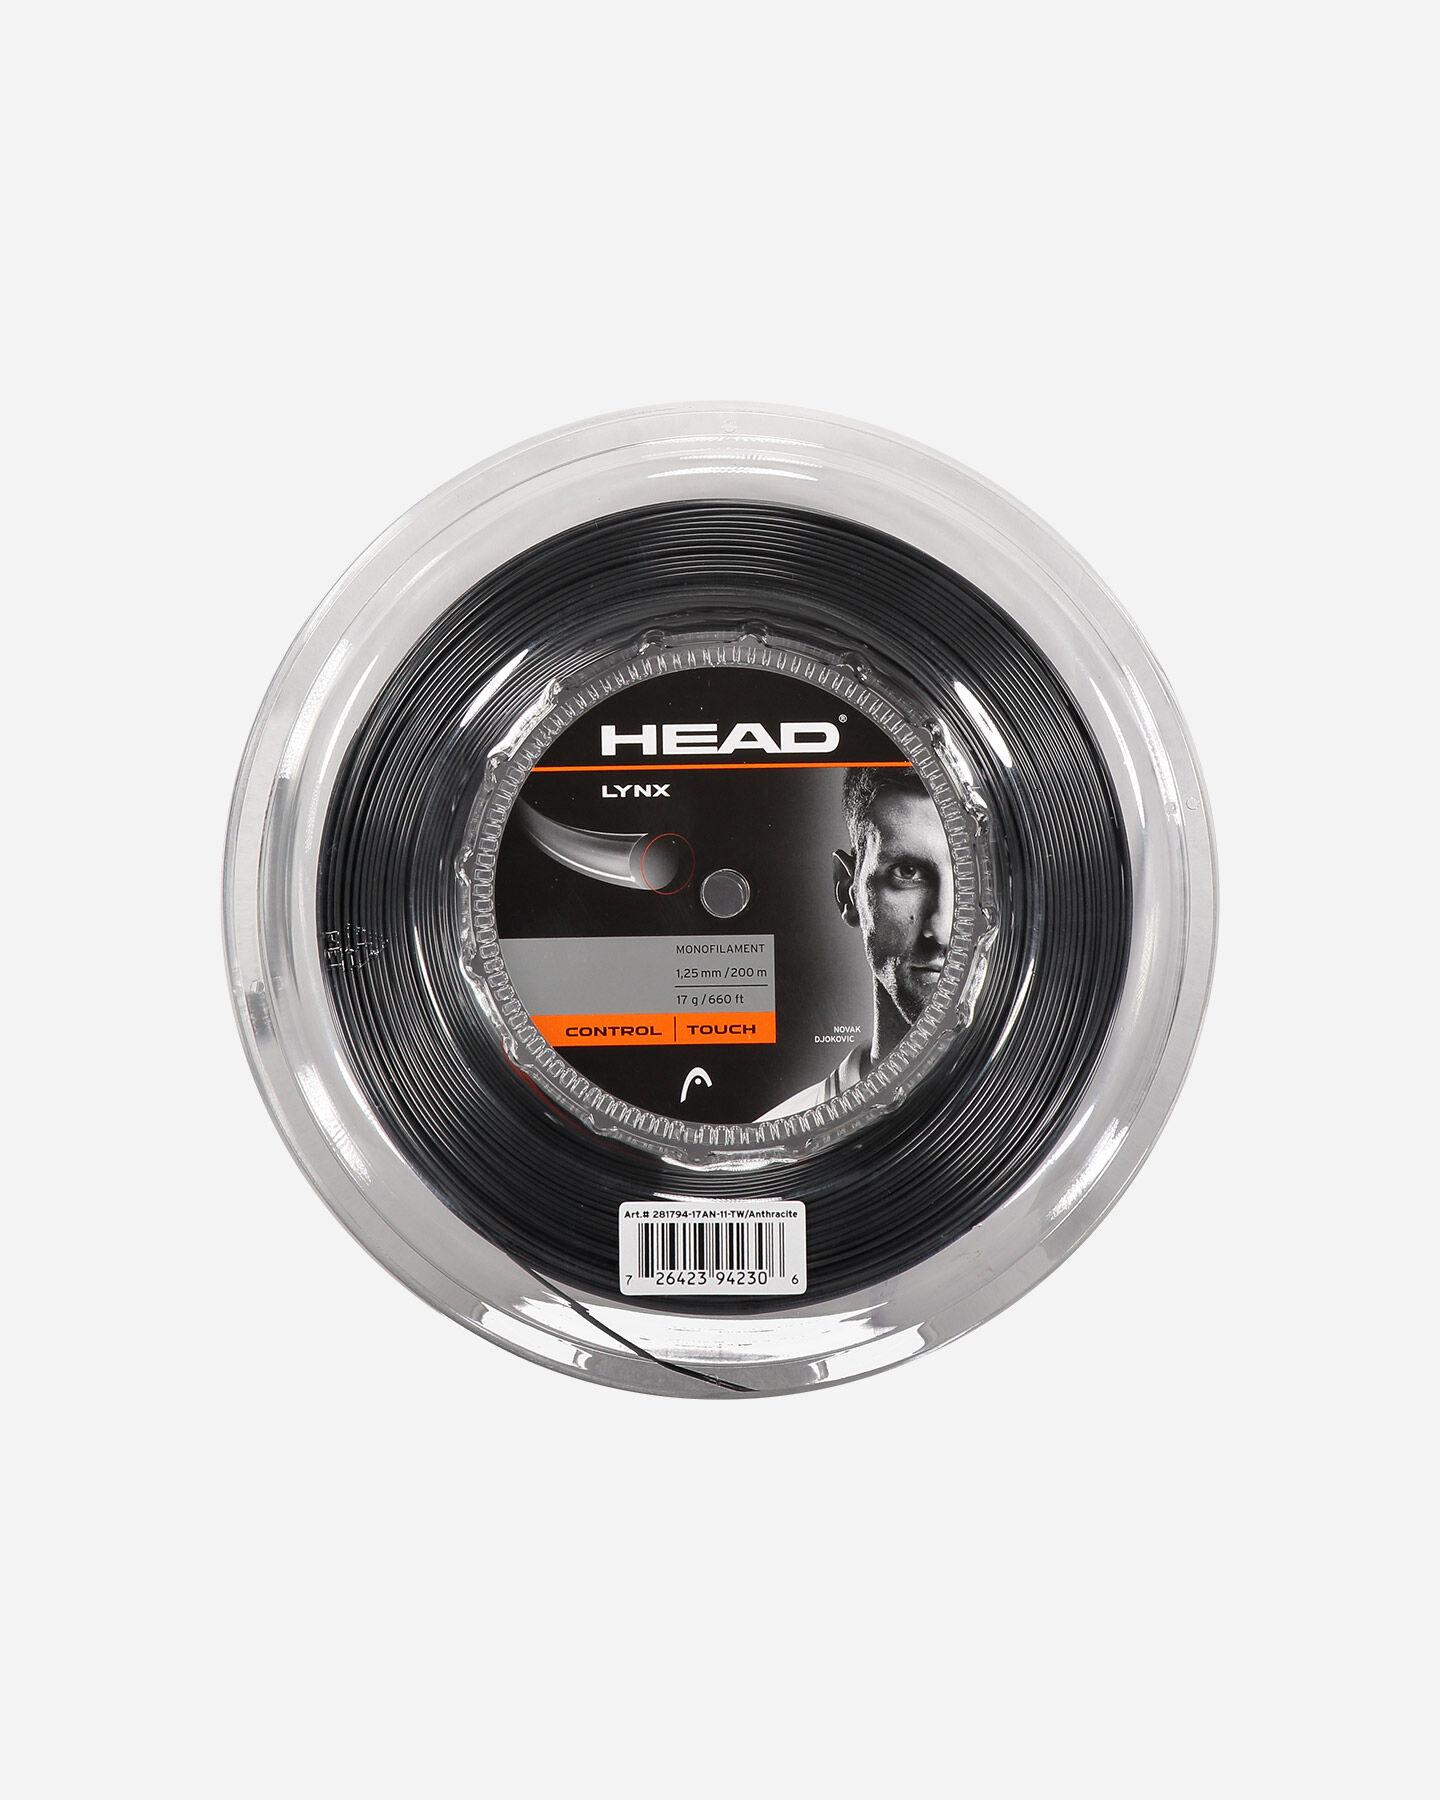 Corde tennis HEAD LYNX S1308517 scatto 0